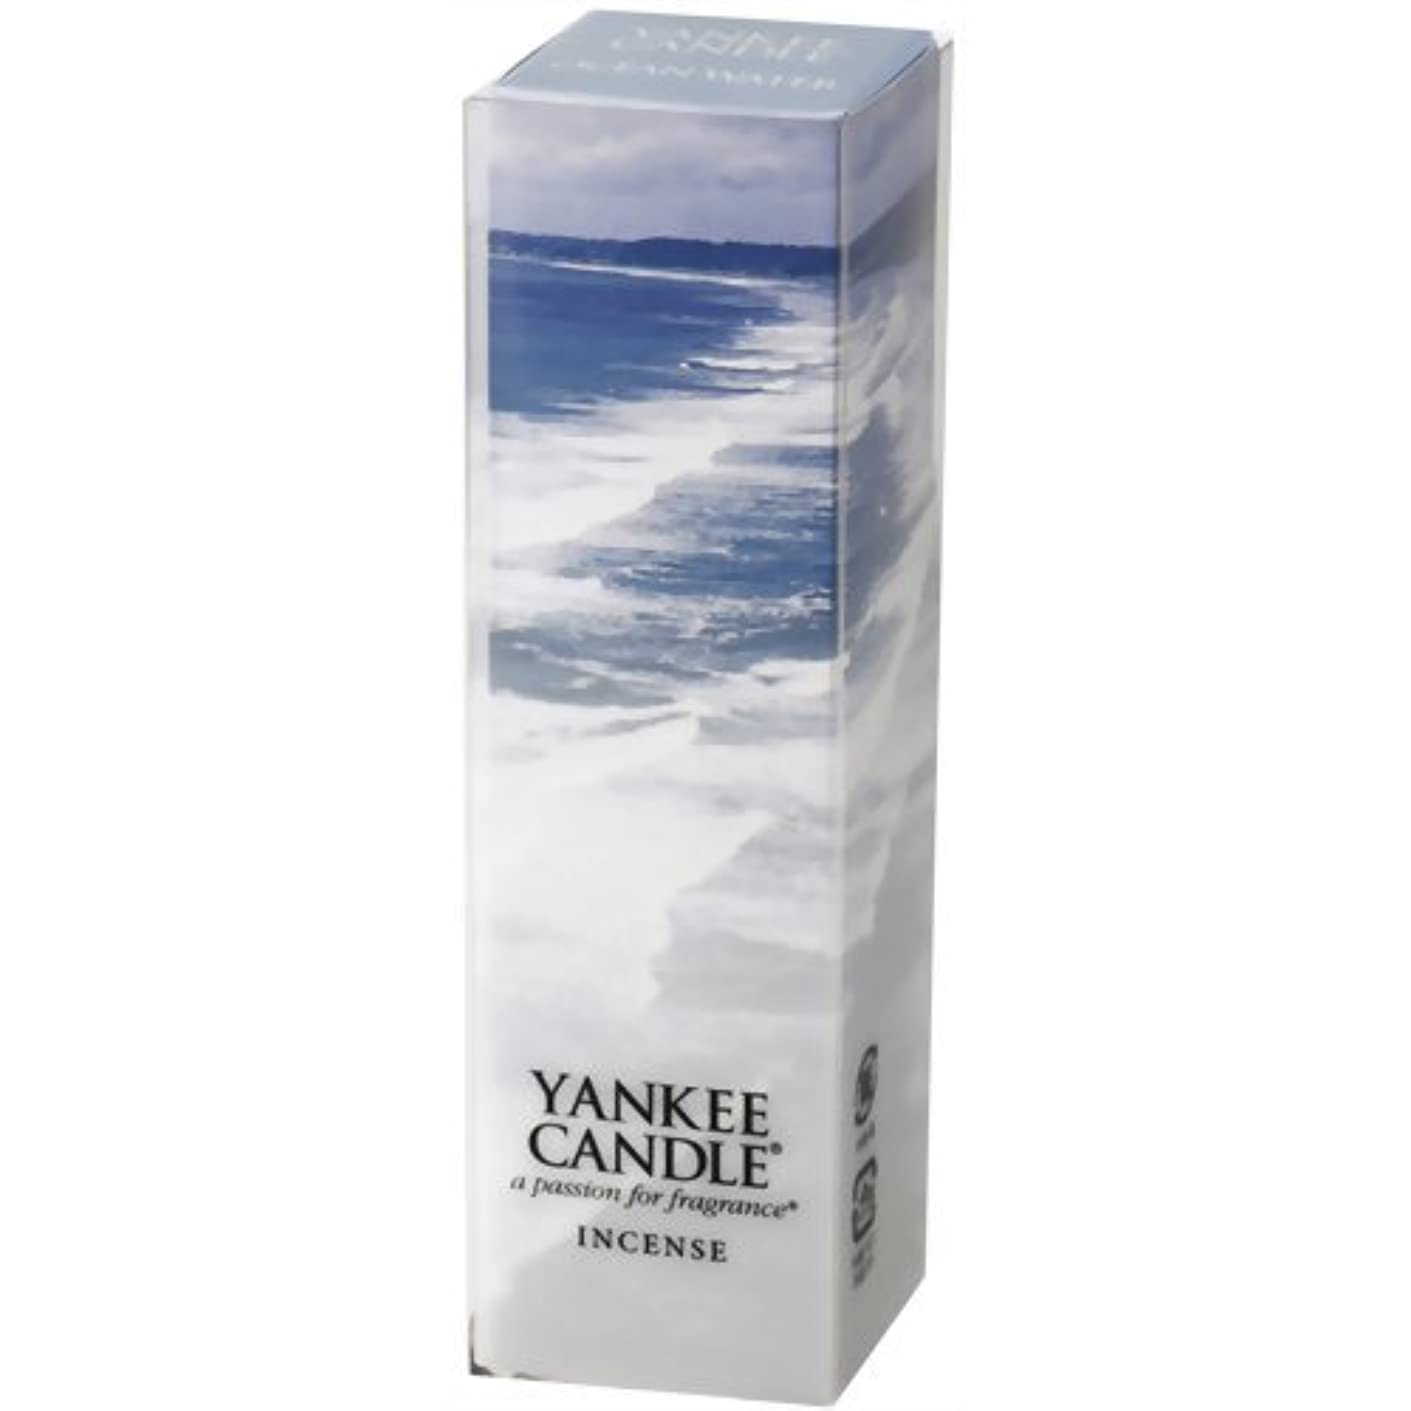 障害者ペルセウス破裂YANKEE CANDLE(ヤンキーキャンドル) YCインセンス オーシャン